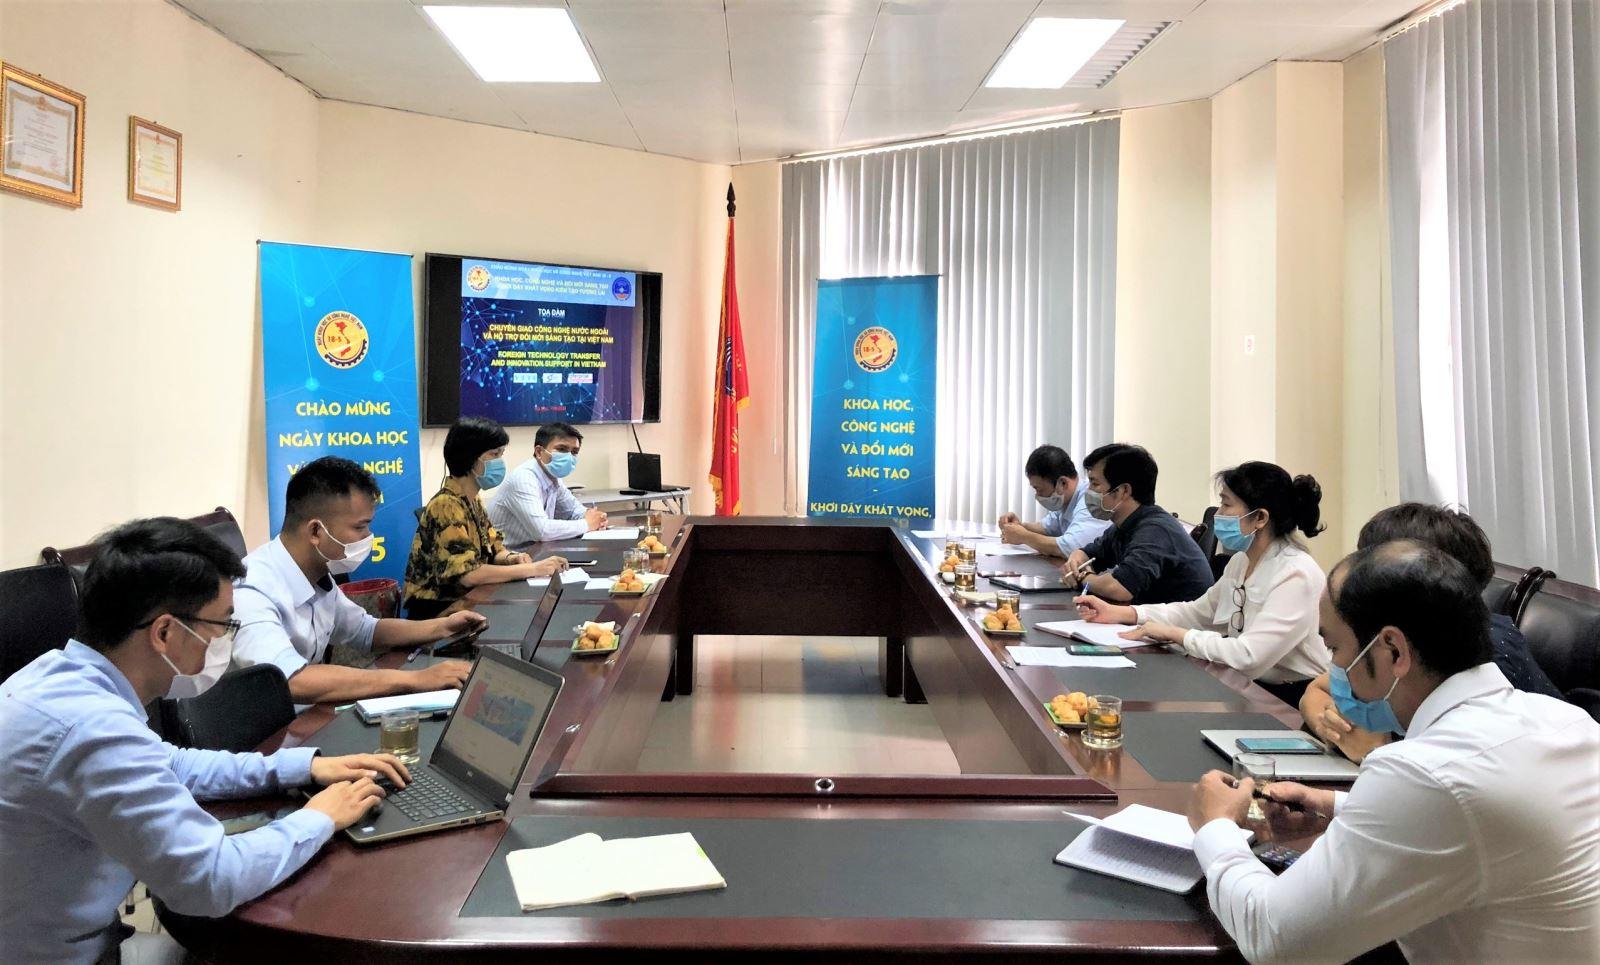 Tọa đàm Chuyển giao công nghệ nước ngoài và hỗ trợ đổi mới sáng tạo tại Việt Nam